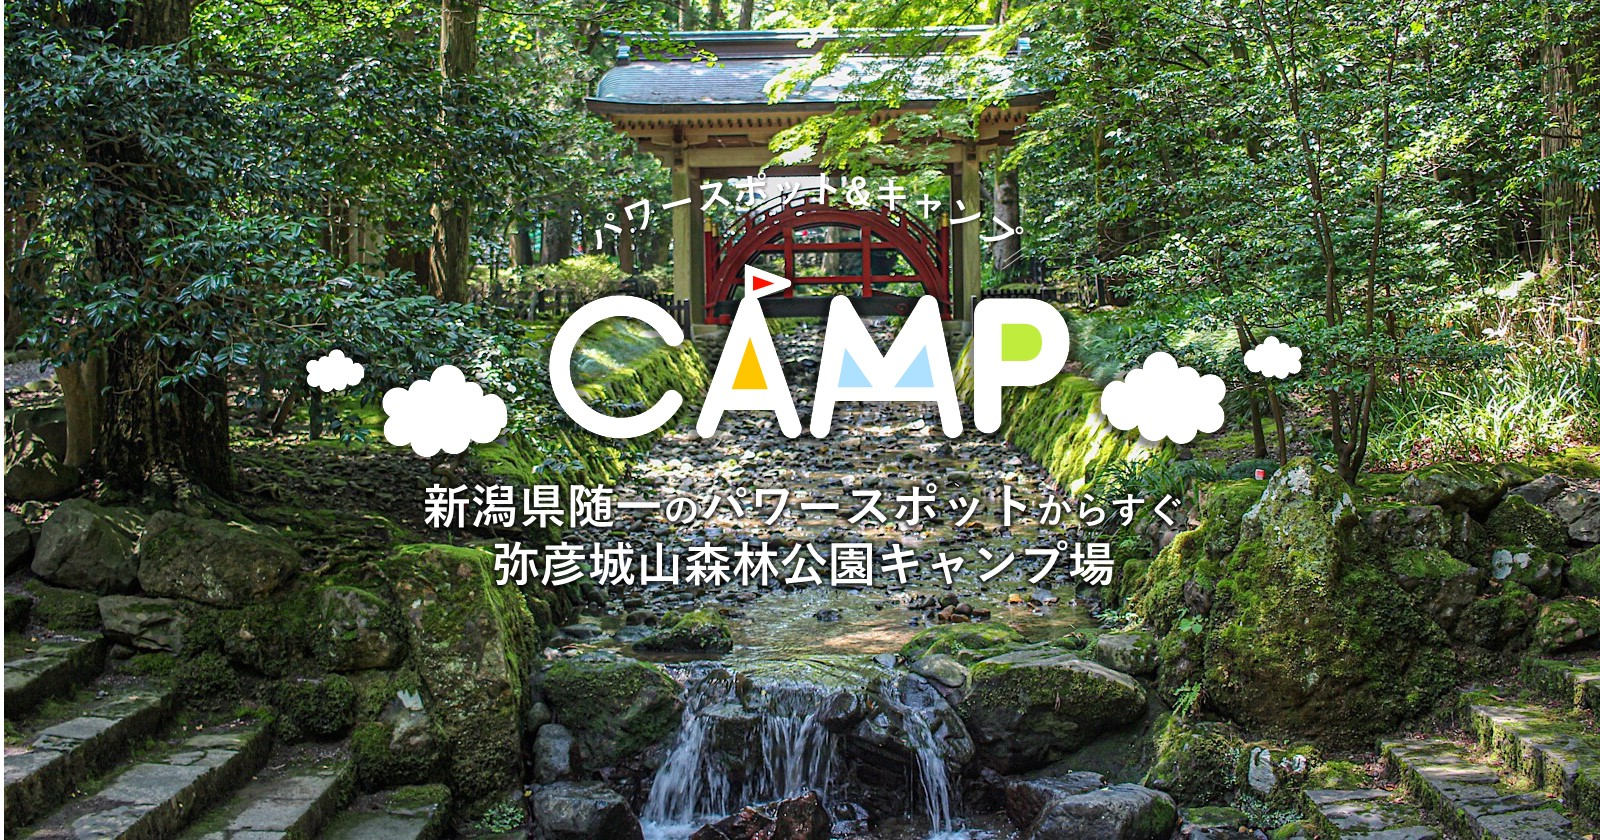 キャンプ 場 無料 新潟